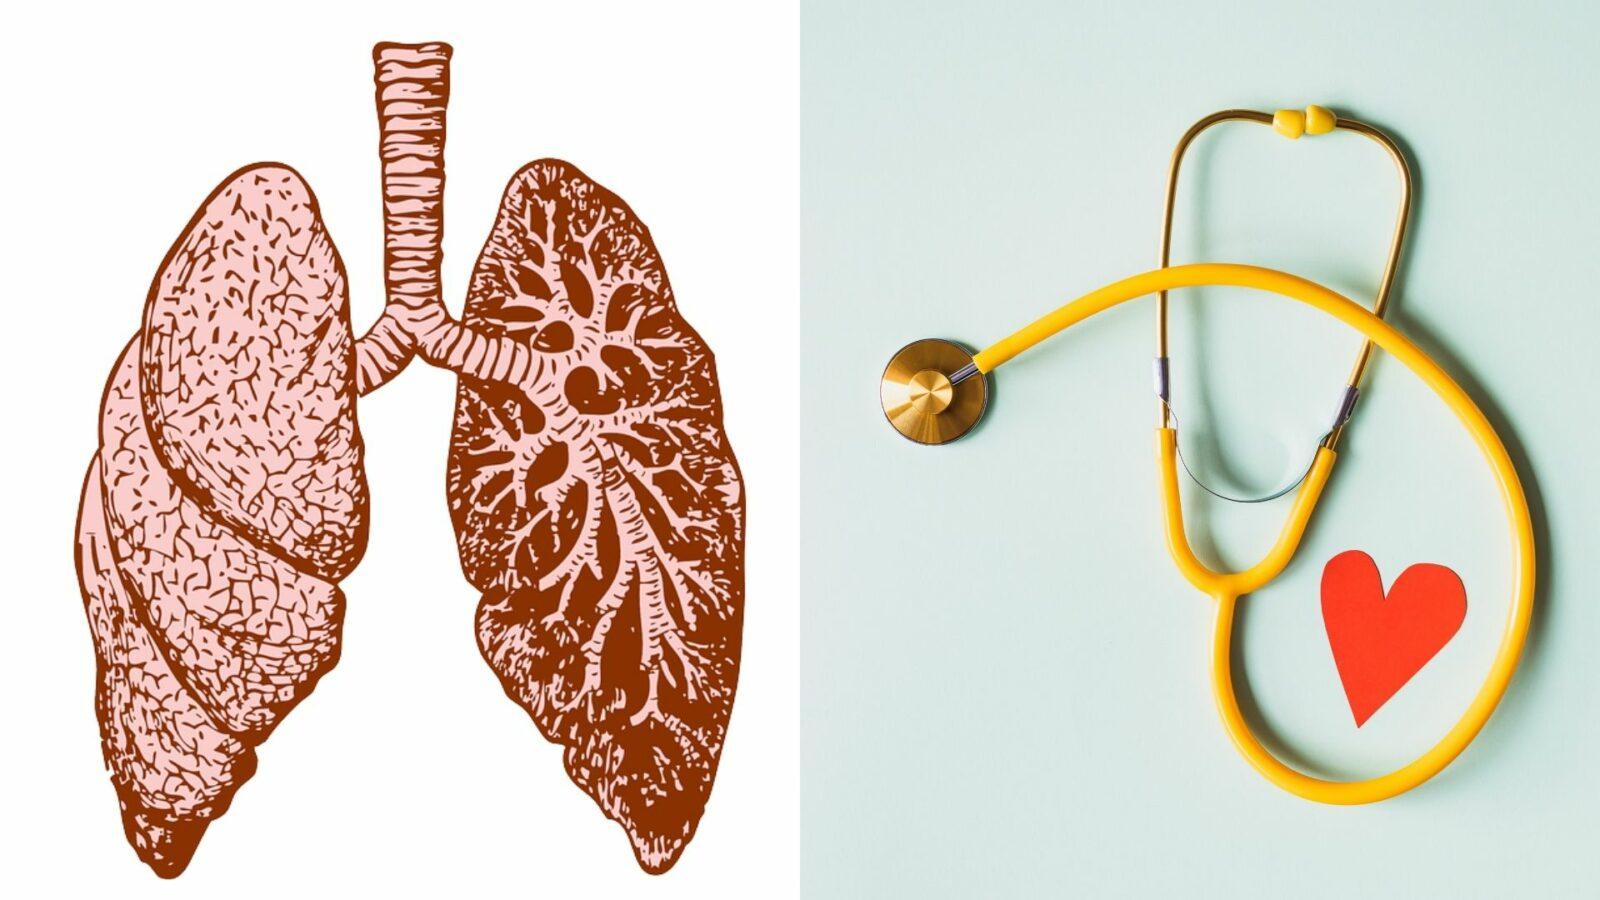 Cohérence cardiaque - Coeur et poumons - Ô Magazine